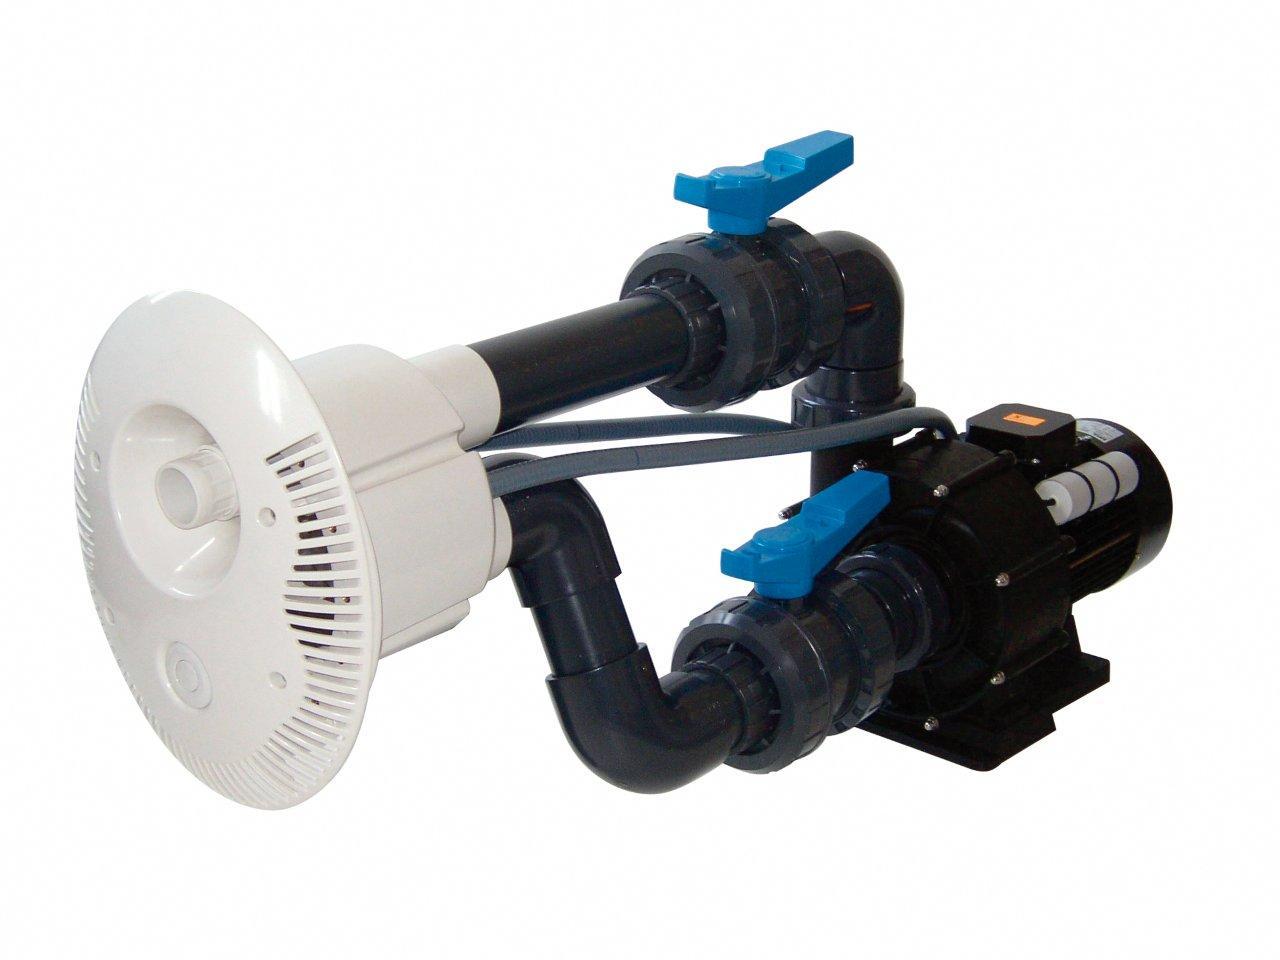 Protiproud V-JET 66 m3/h, 400 V, 2,2 kW, pro fóliové a předvyrobené baz. potrubí